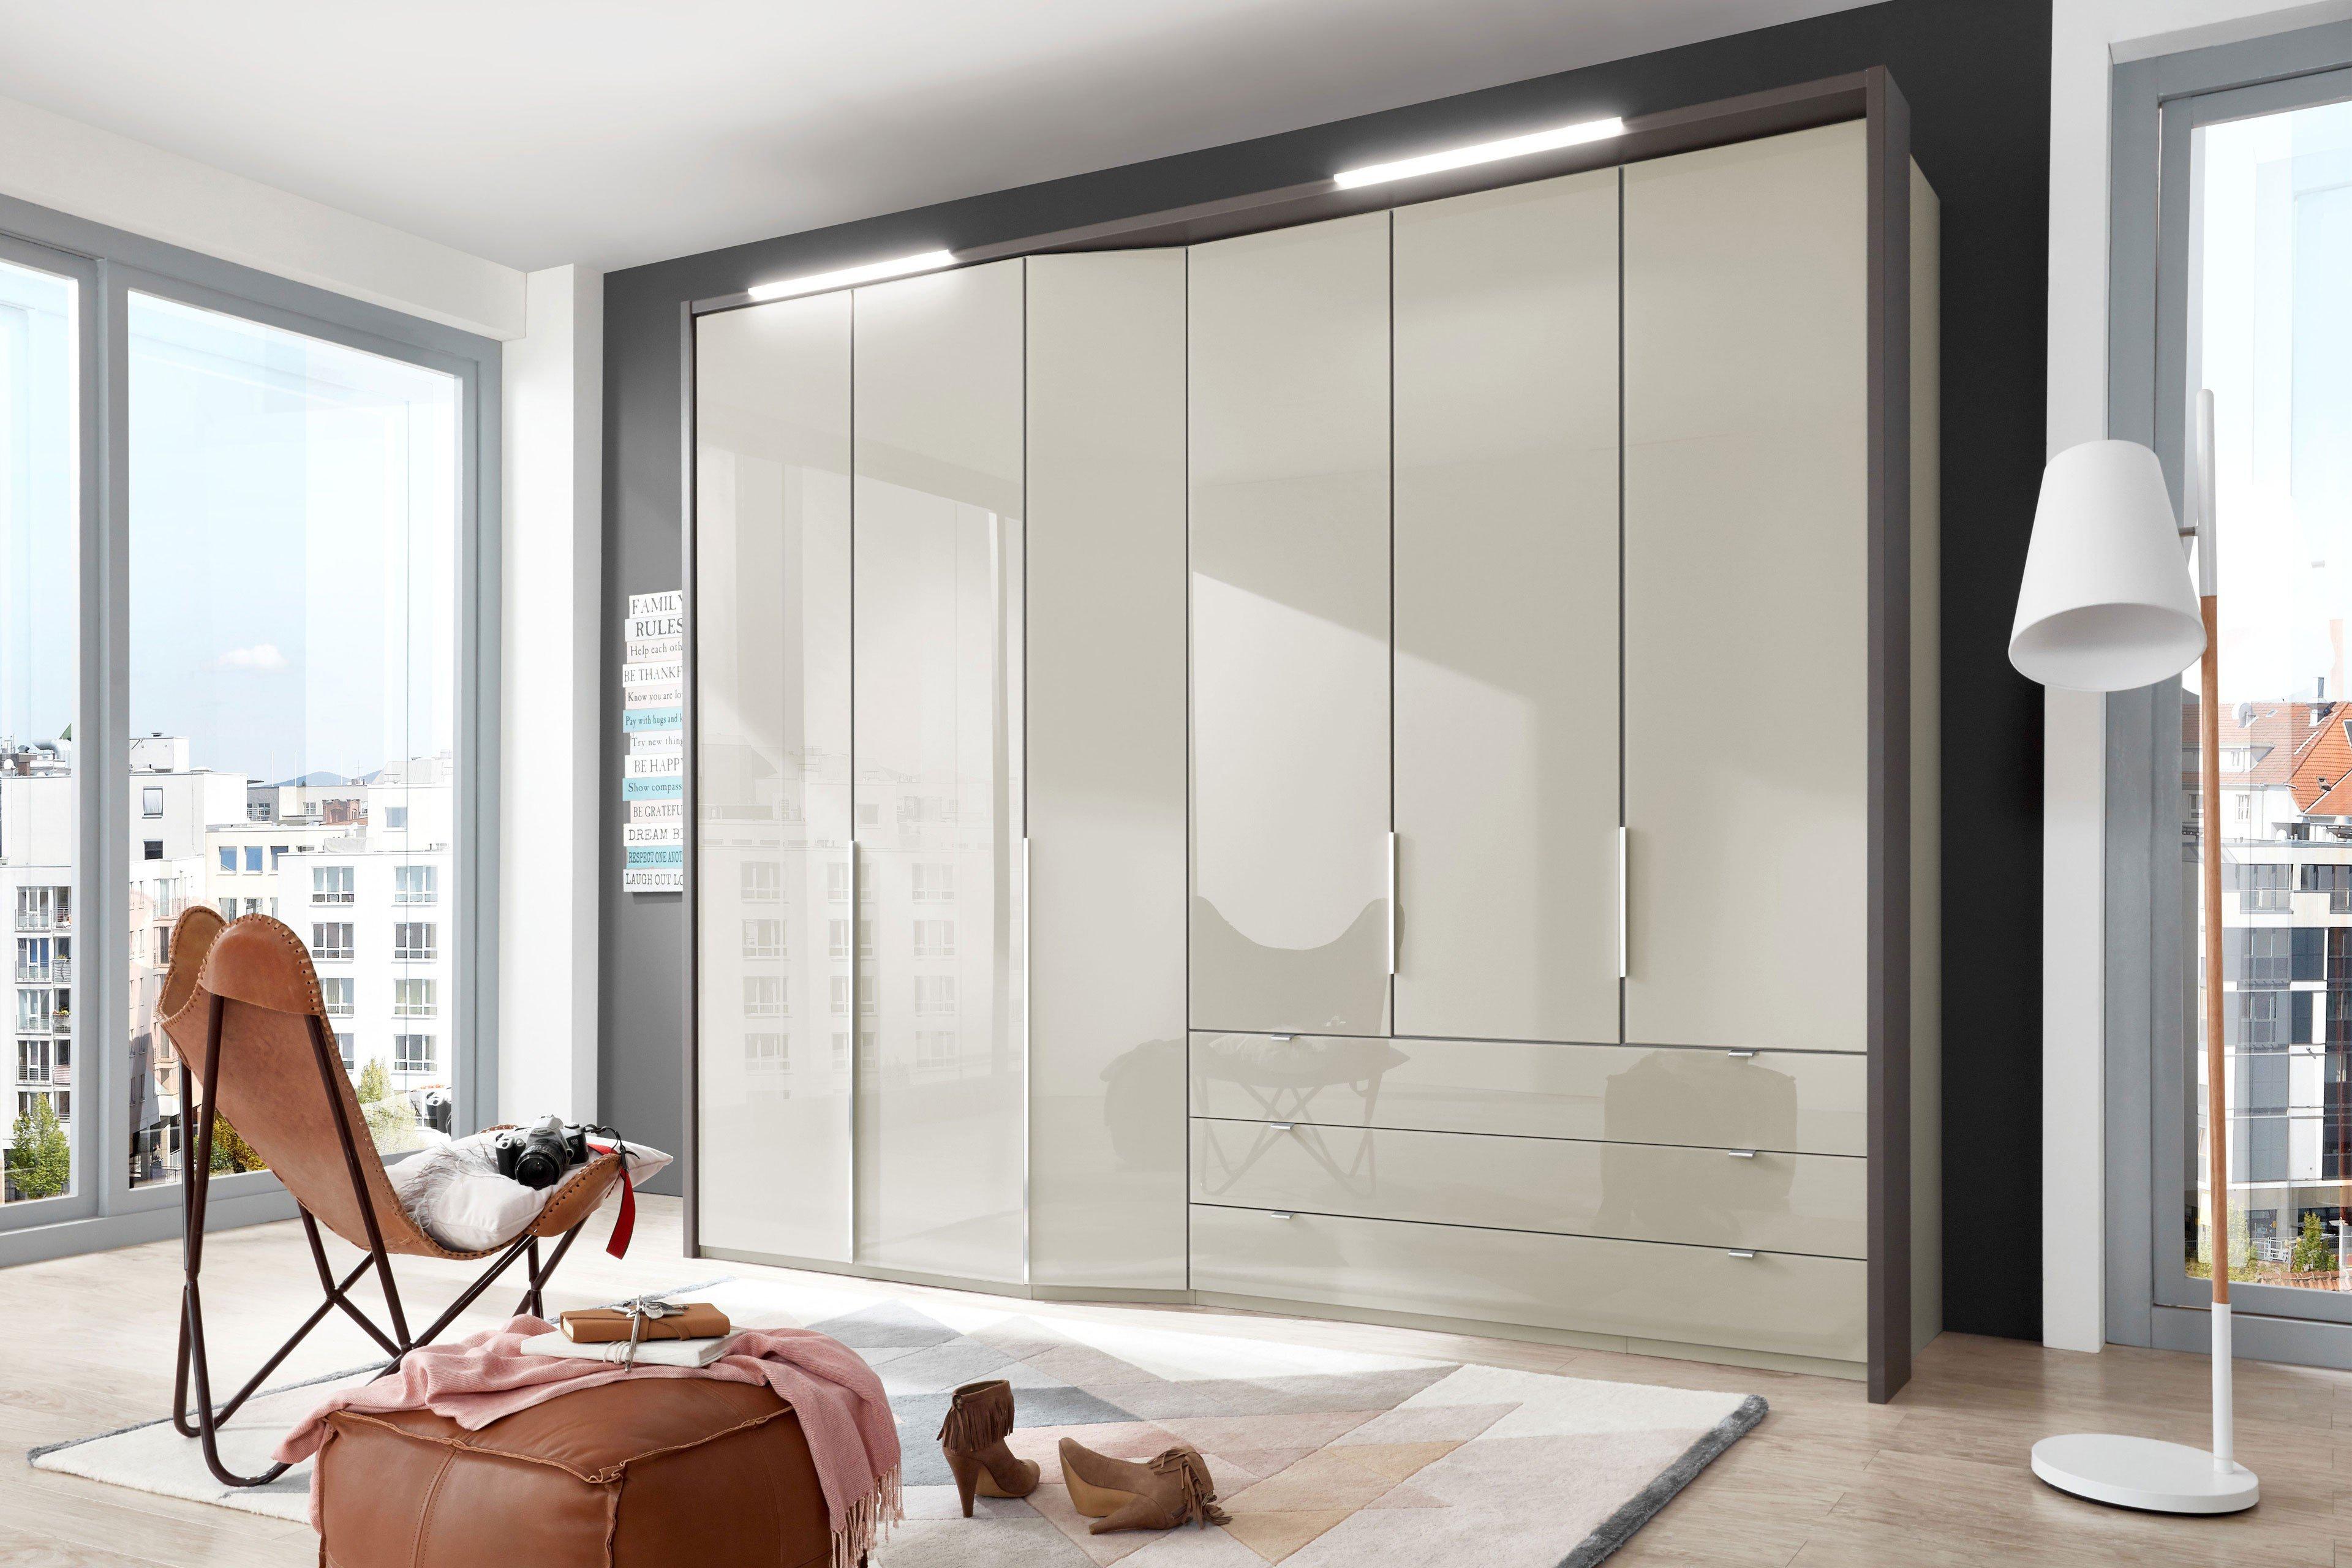 Amazing Einfache Dekoration Und Mobel Individuelle Schraenke Made In Germany 2 #6: Cayenne Von Wiemann - Funktionsschrank Glas Kieselgrau